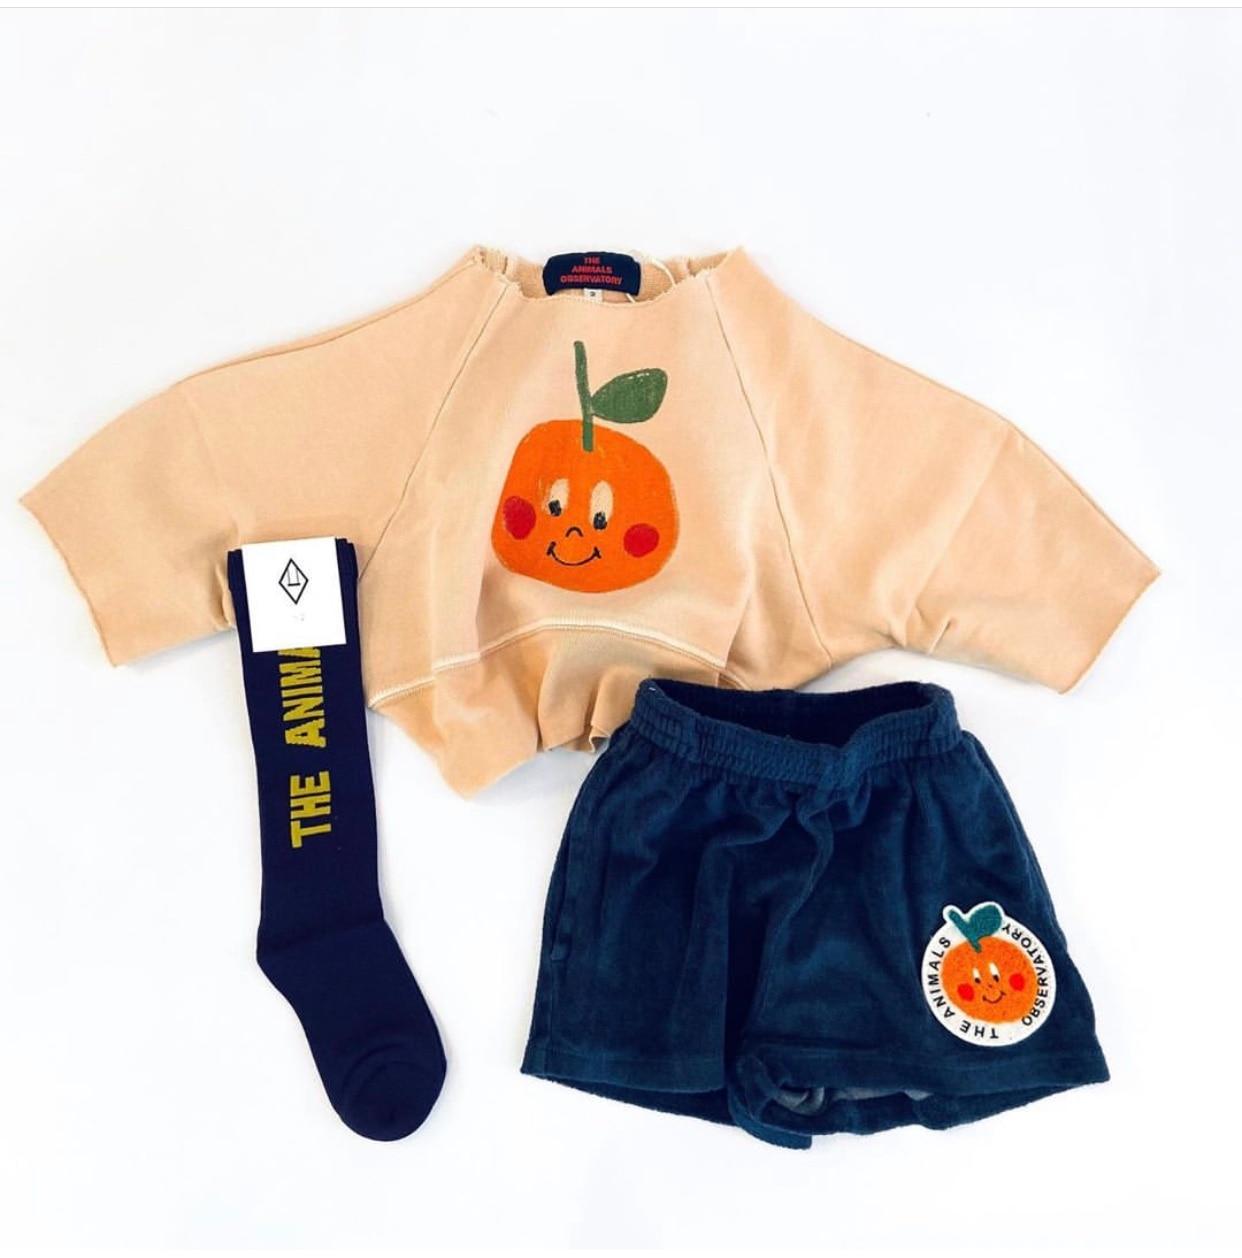 Kids Tube Socks Spring Autumn 2021 New TAO Brand Toddler Girls Fashion Spain Design Infant Baby Knee High Socks Girls Boy Socks 5